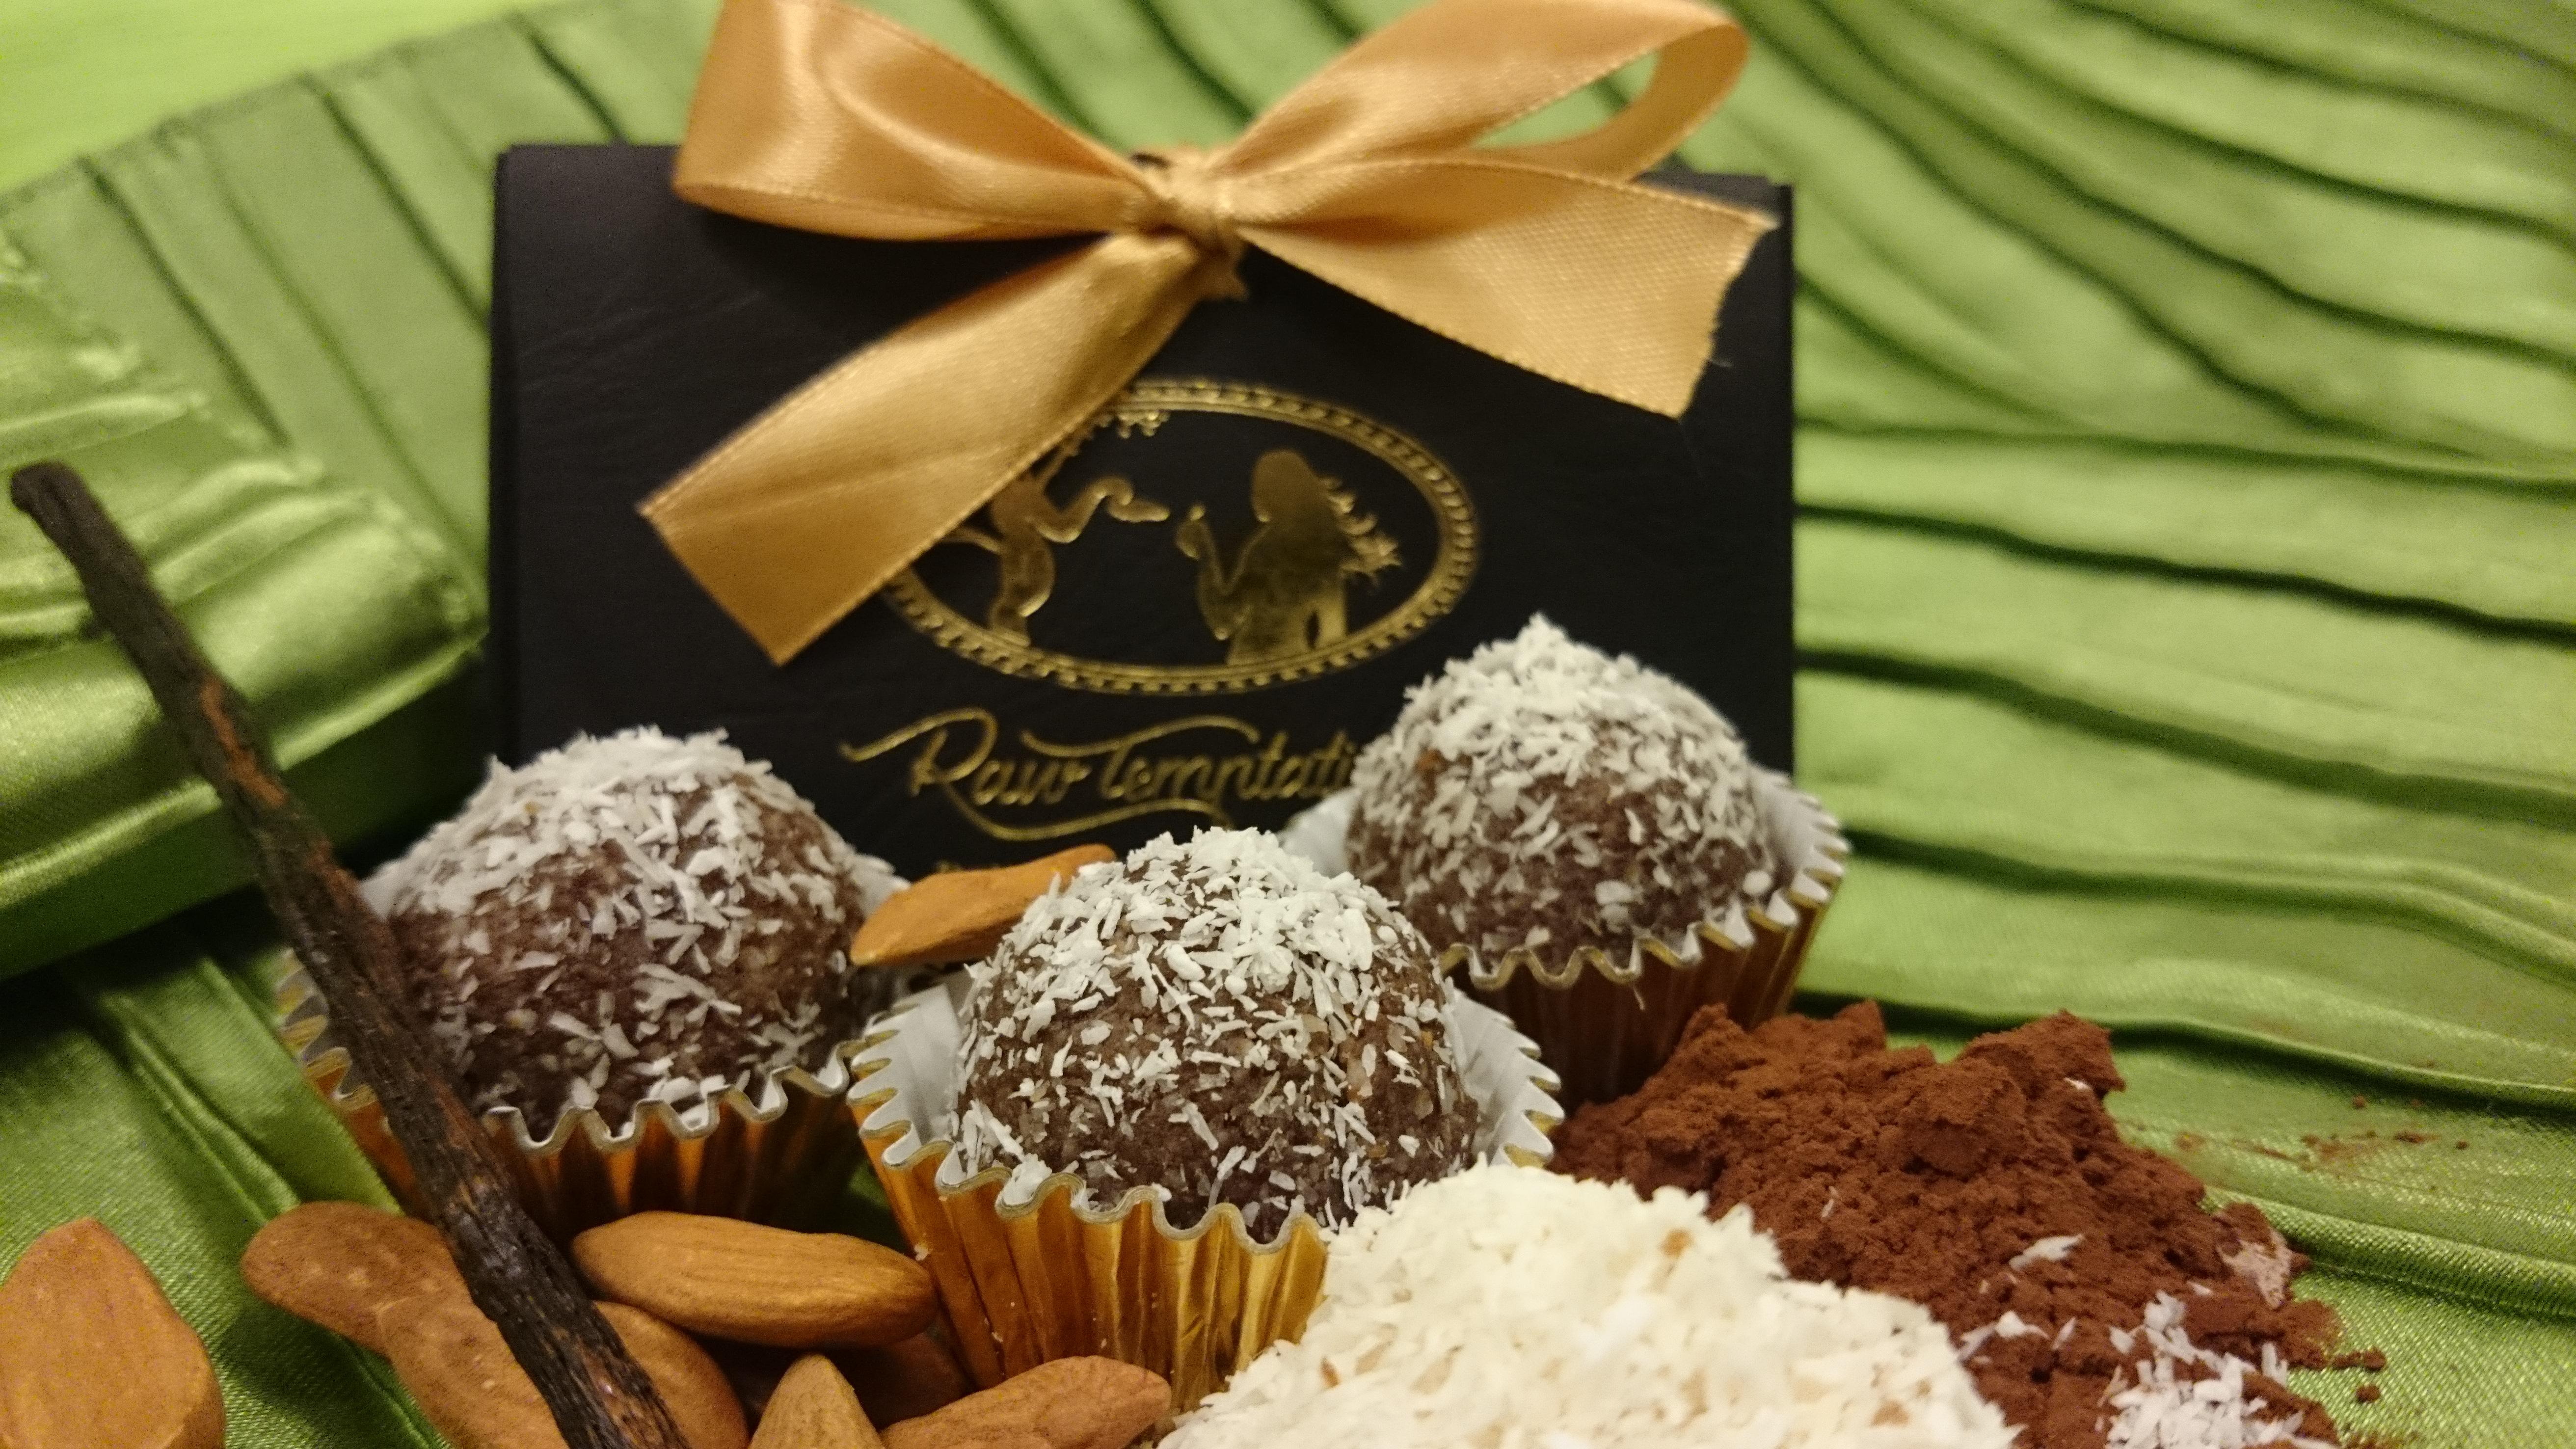 Raw Temptation Truffles